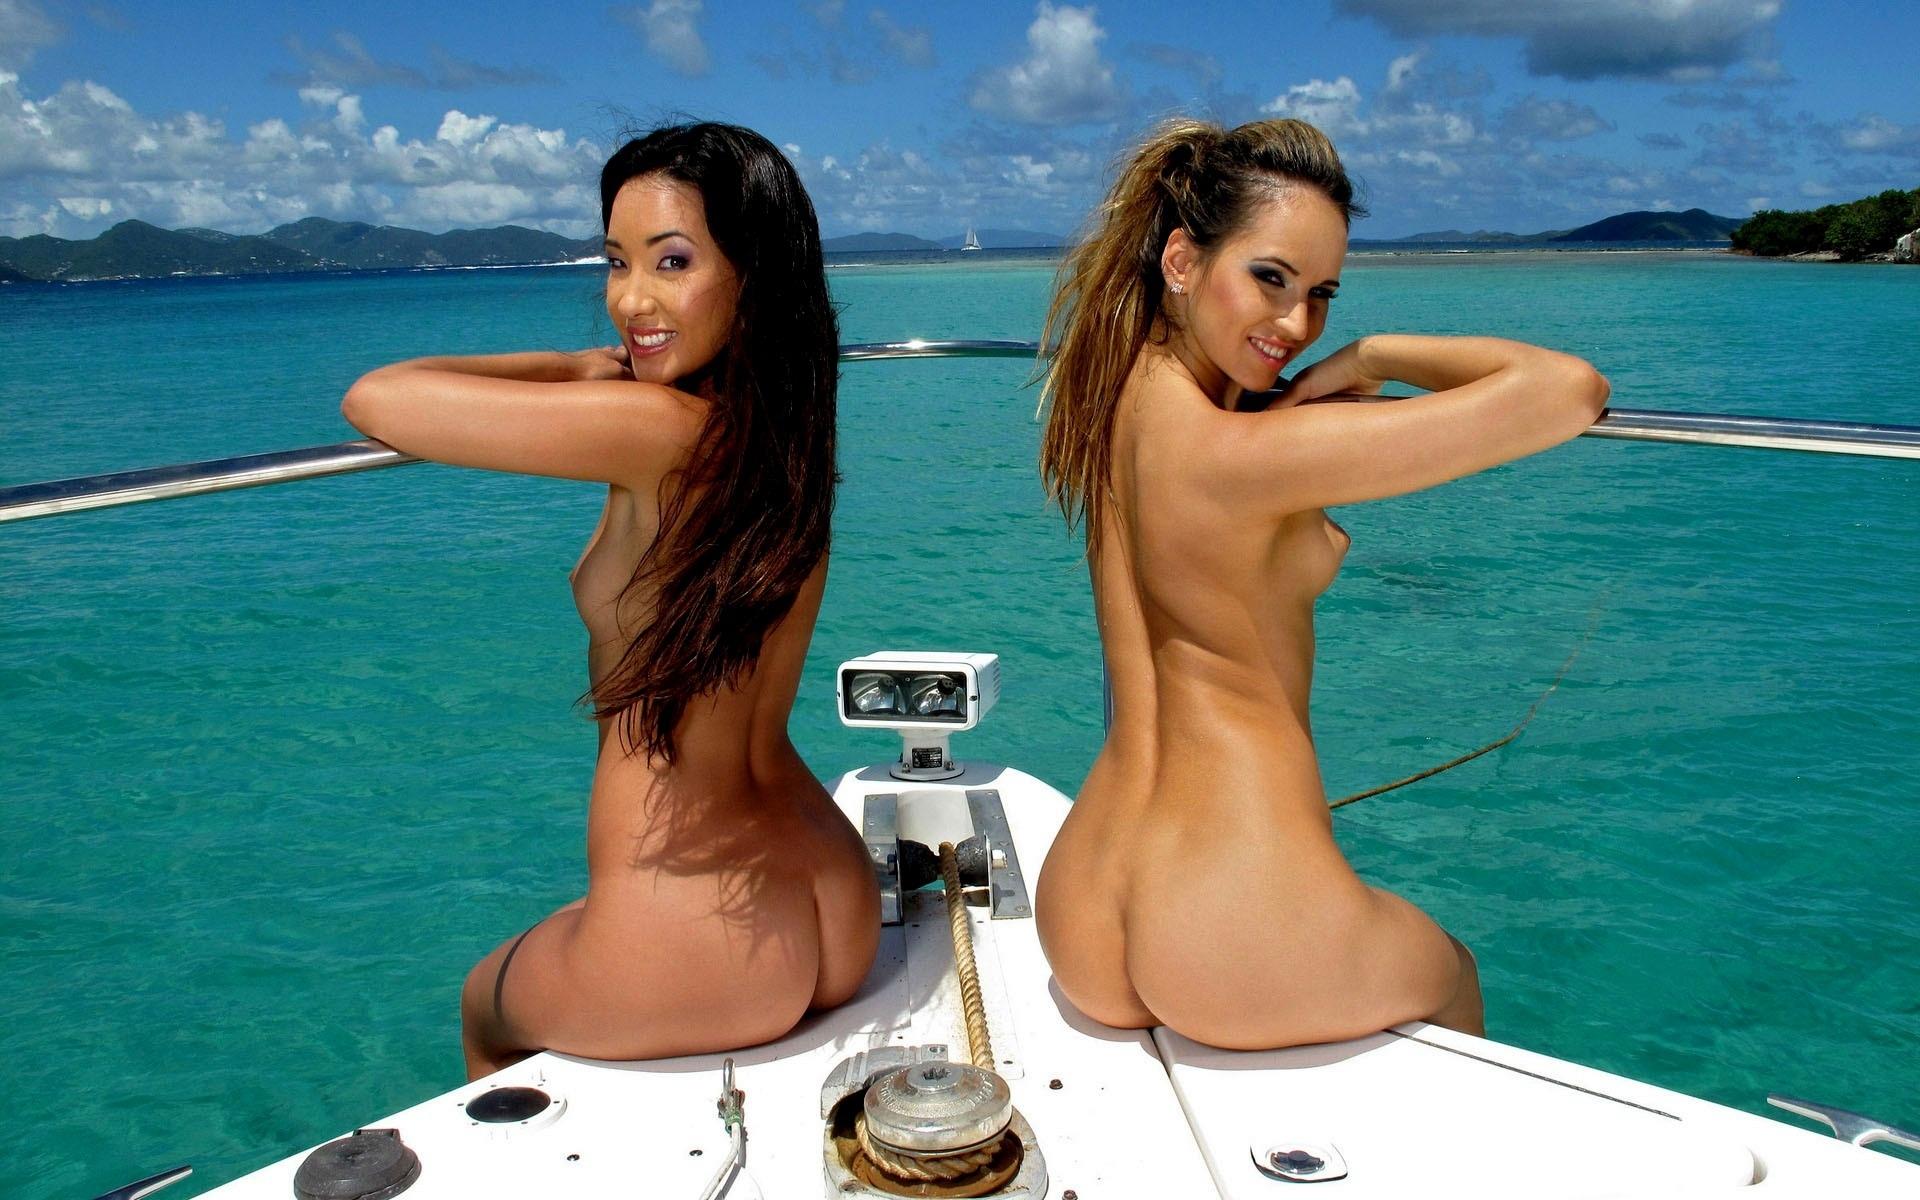 обнаженные красотки на яхтах обходится пляже